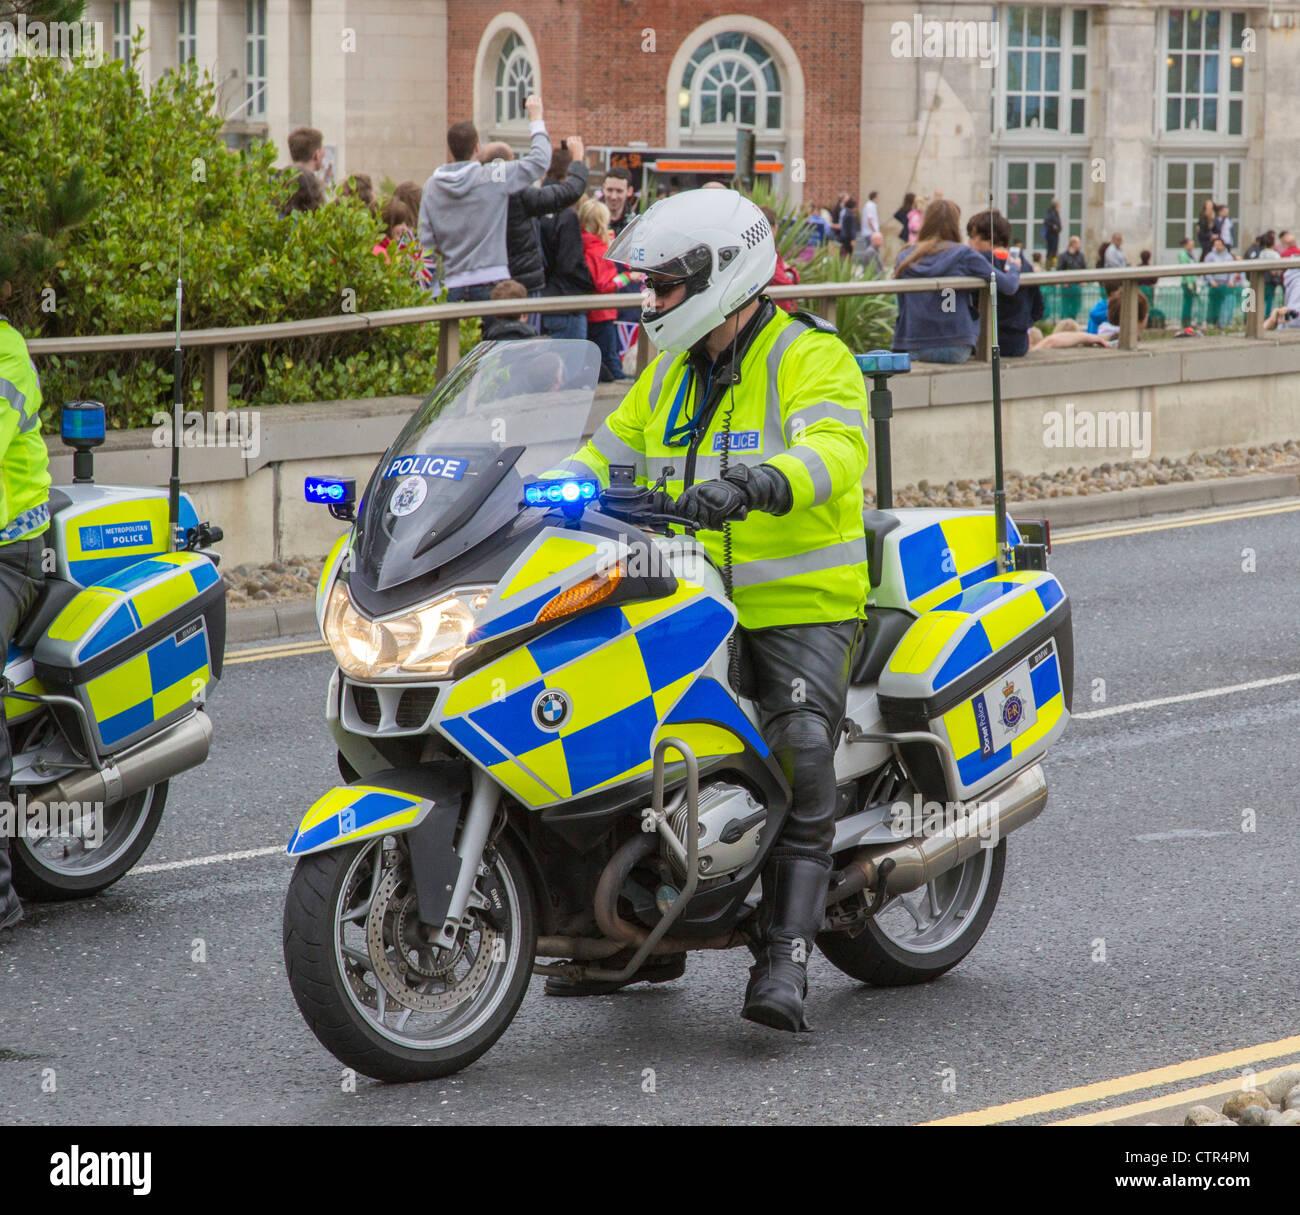 La polizia motociclista a cavallo della sua moto stazionario in carreggiata, Dorset, England, Regno Unito Immagini Stock